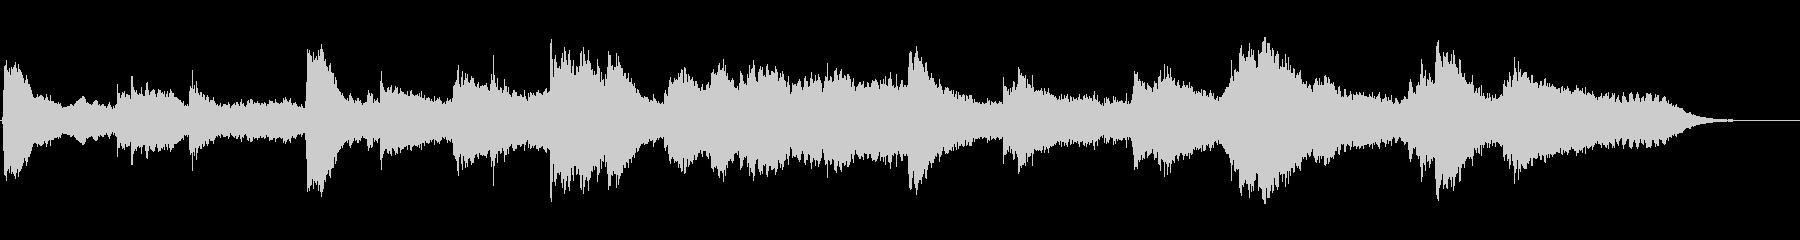 静かなシンセサイザーとピアノの未再生の波形